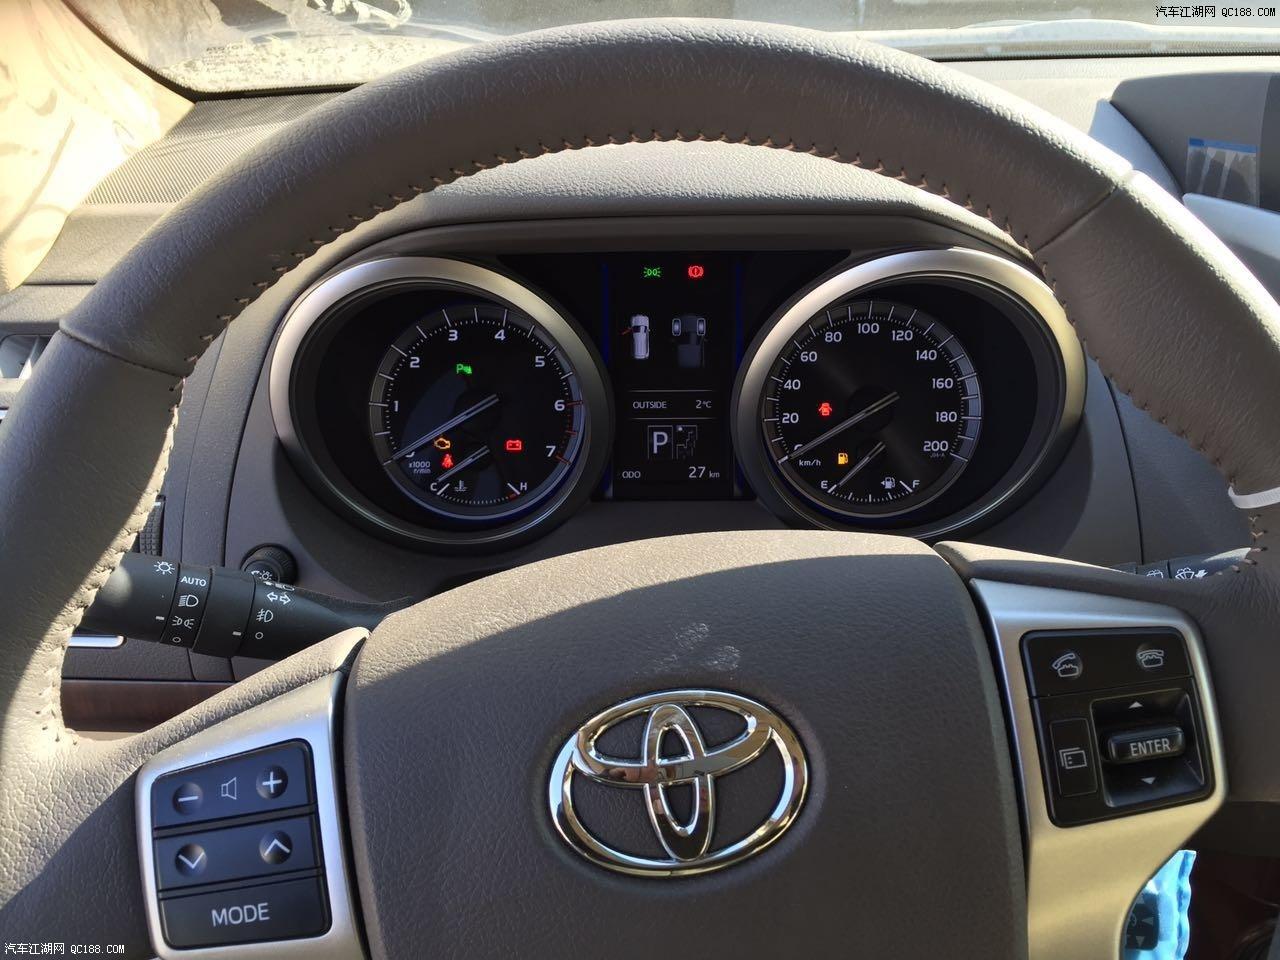 16款丰田普拉多霸道4000VXR 内饰豪华动力强劲价格优惠高清图片